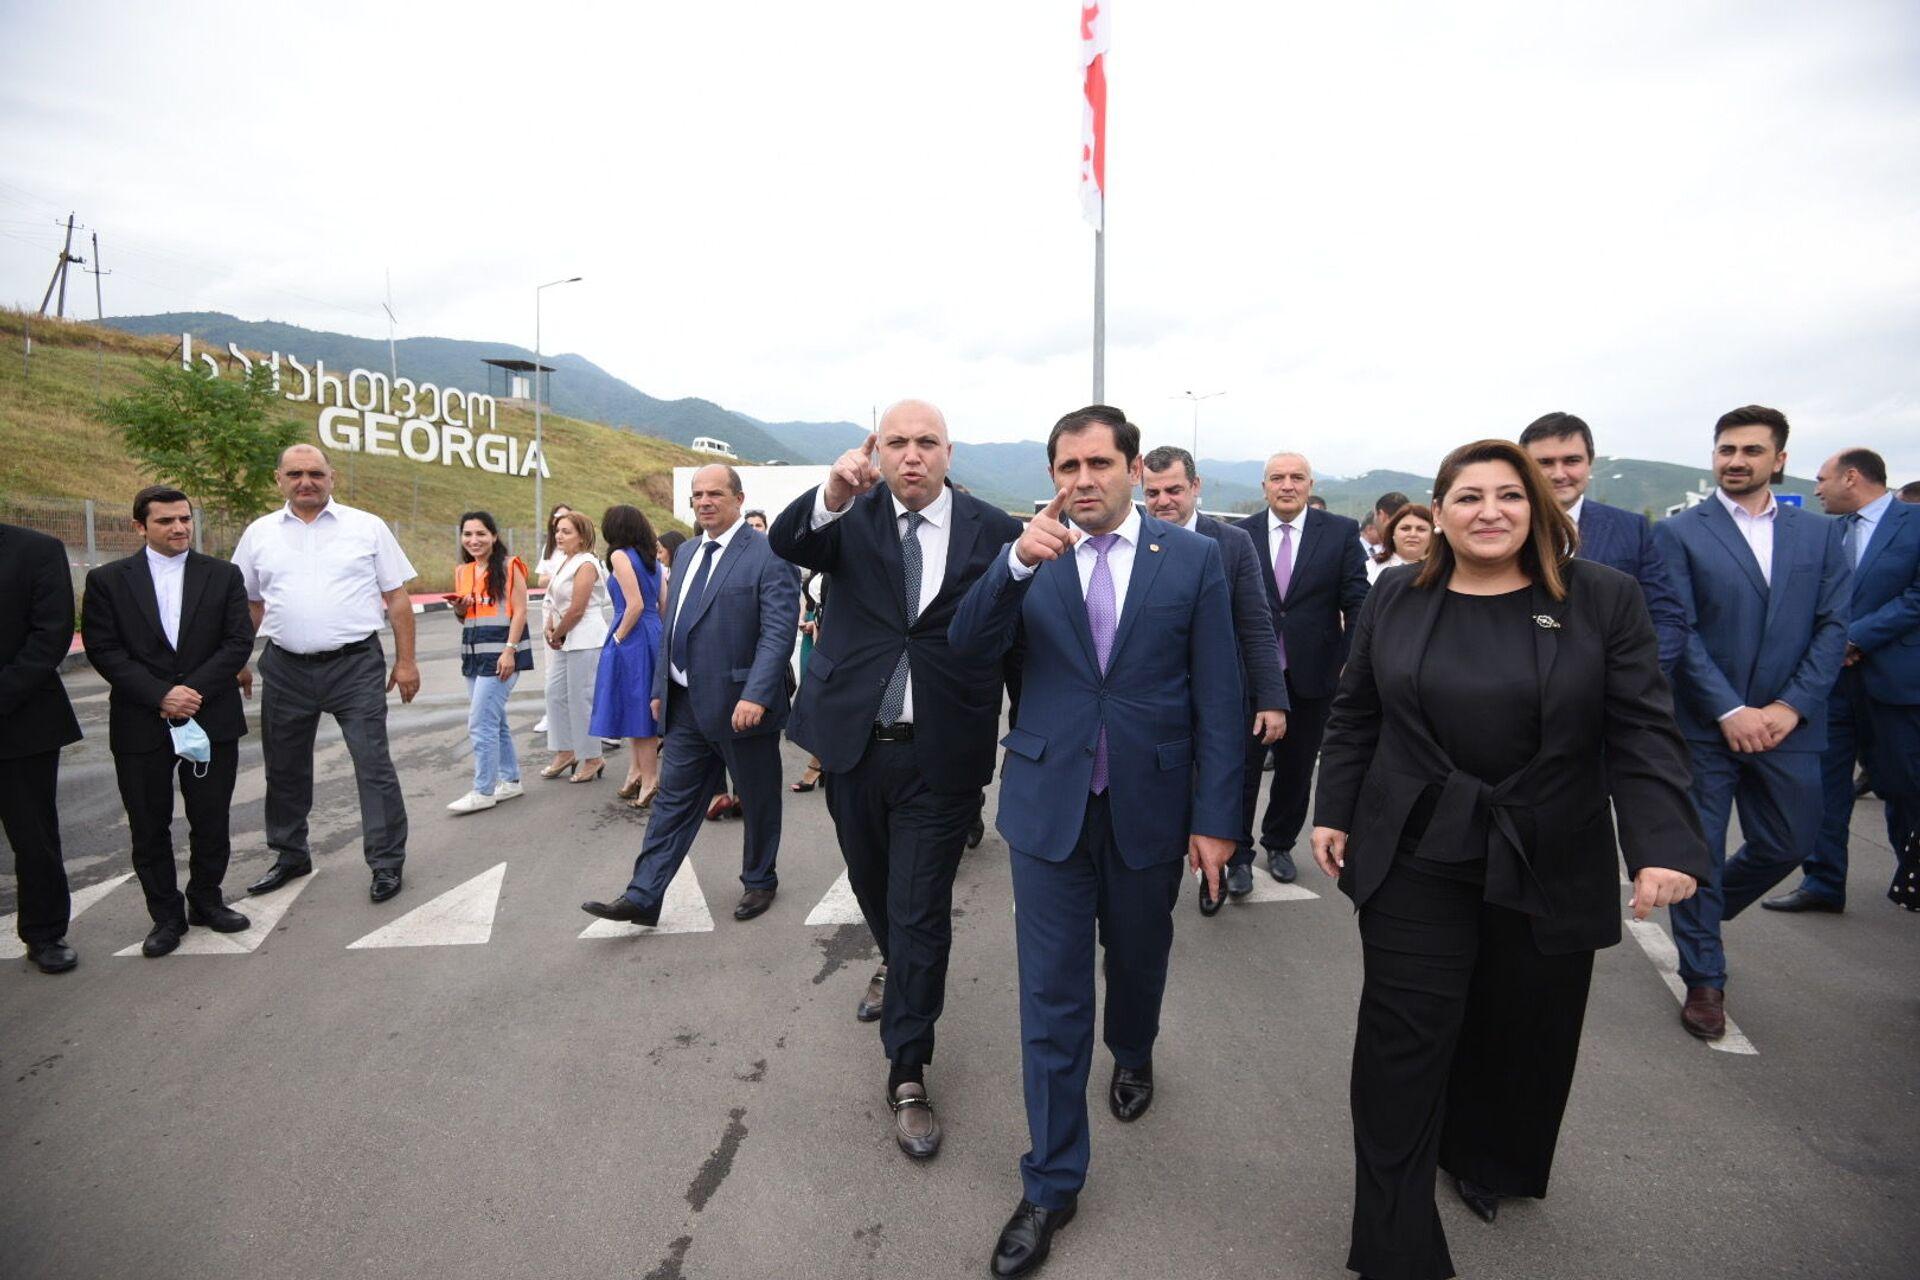 Церемония закладки нового автомобильного моста на границе между Арменией и Грузией - Sputnik საქართველო, 1920, 24.08.2021